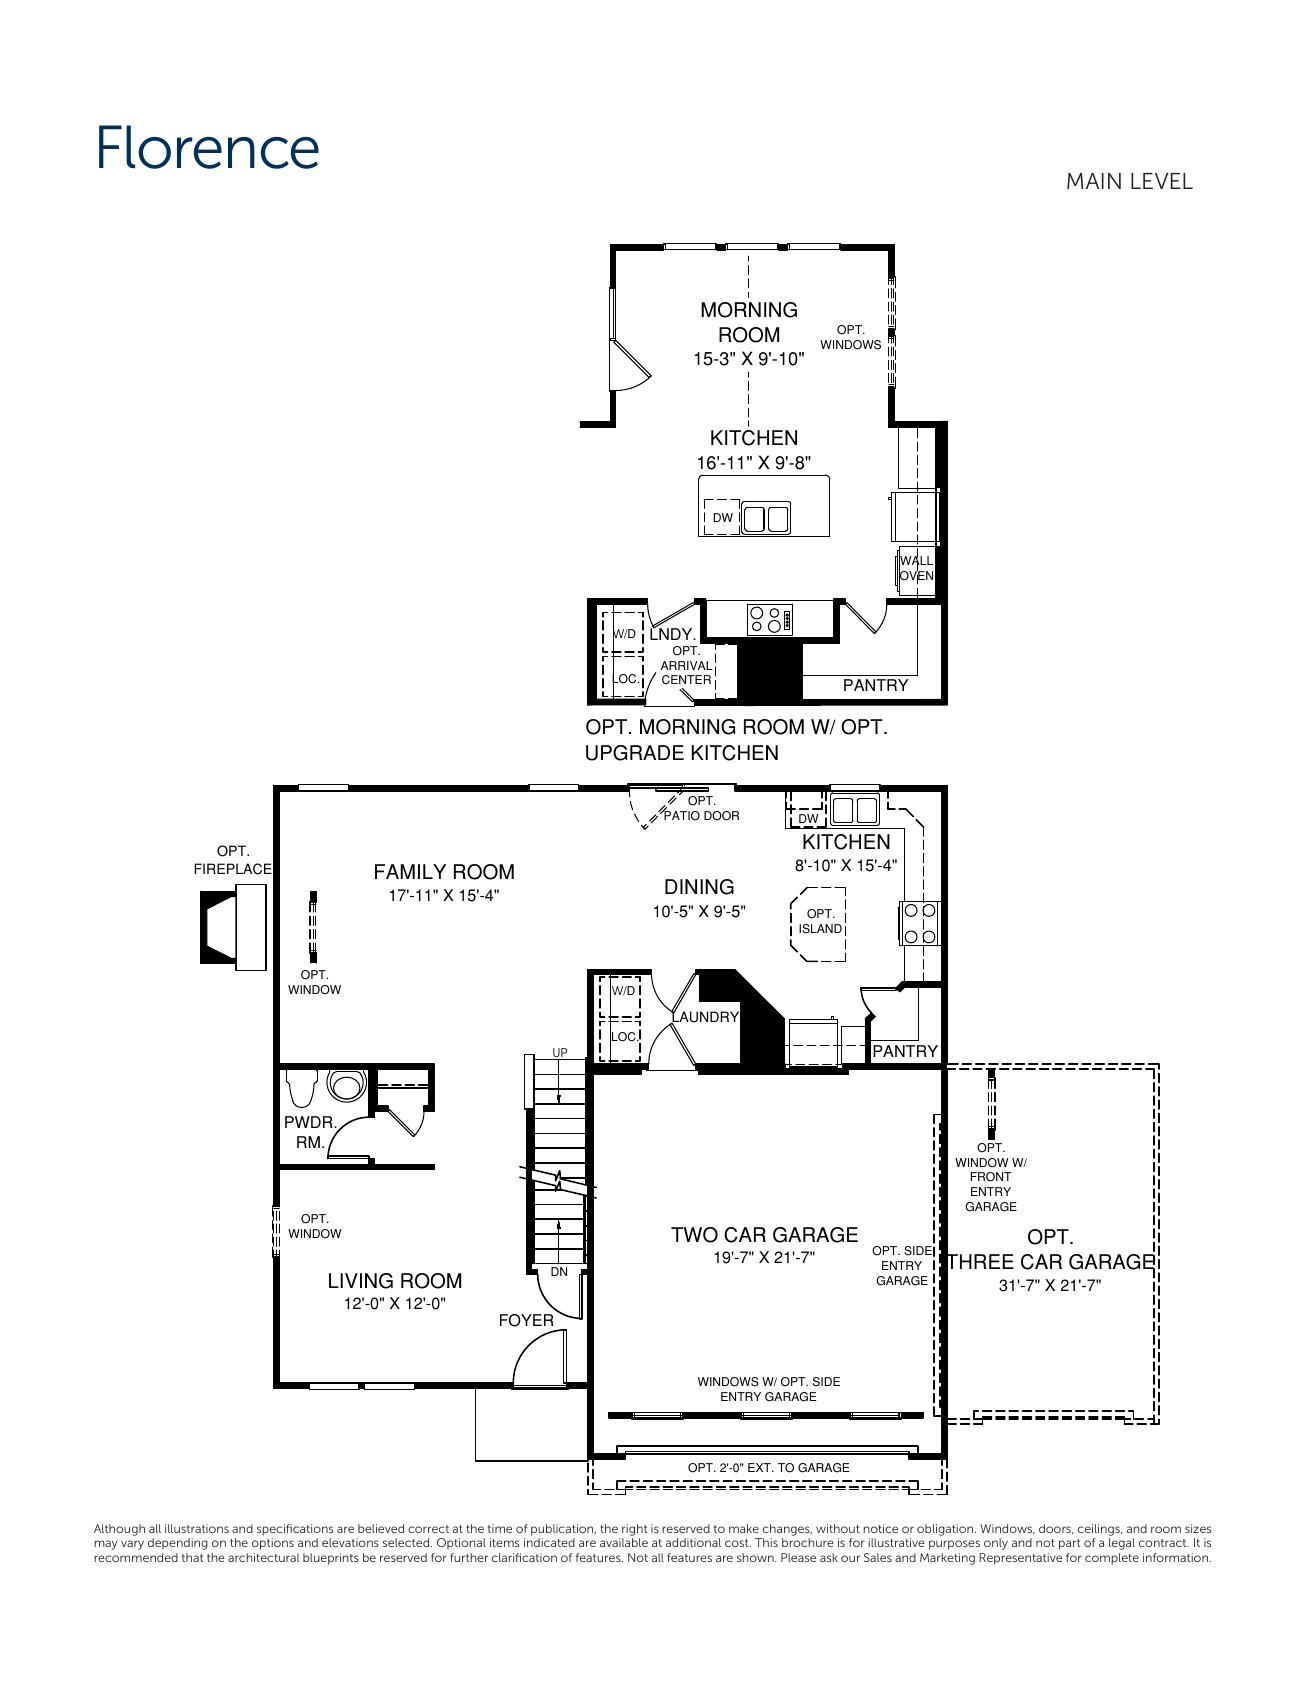 Florence - Ryan Homes | Manualzz